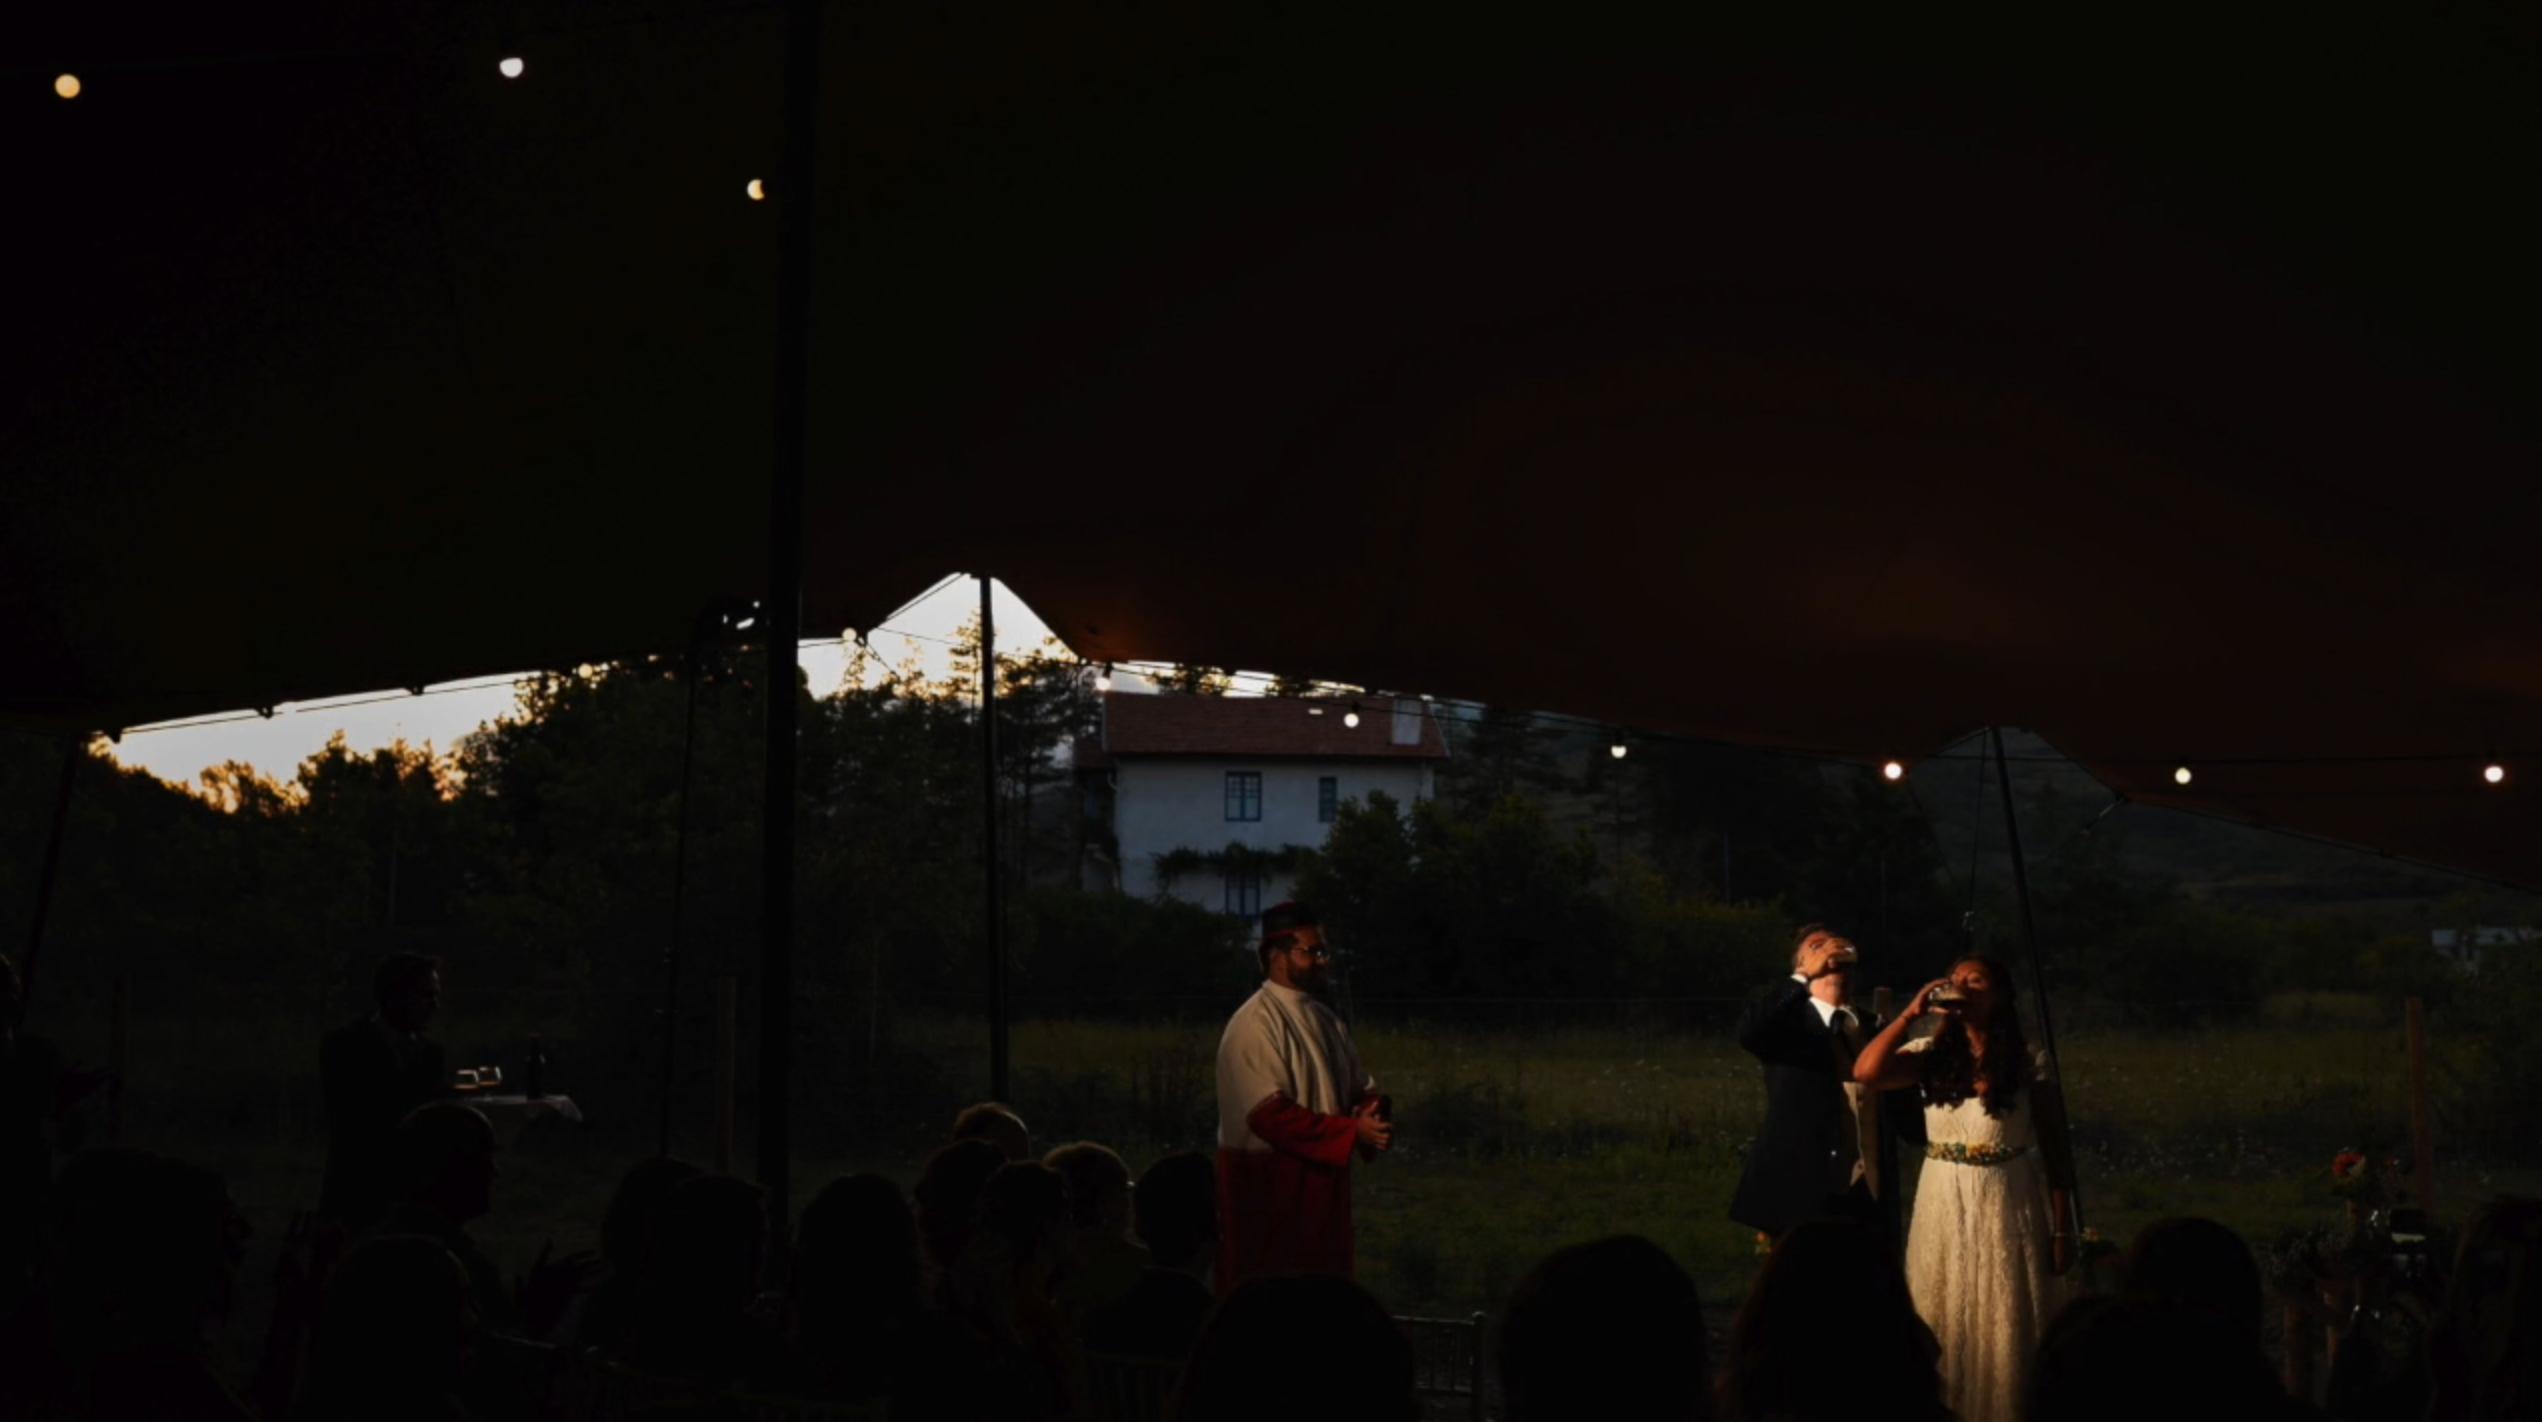 Boda de María y David en La Arboleda del Sur del Echaurren